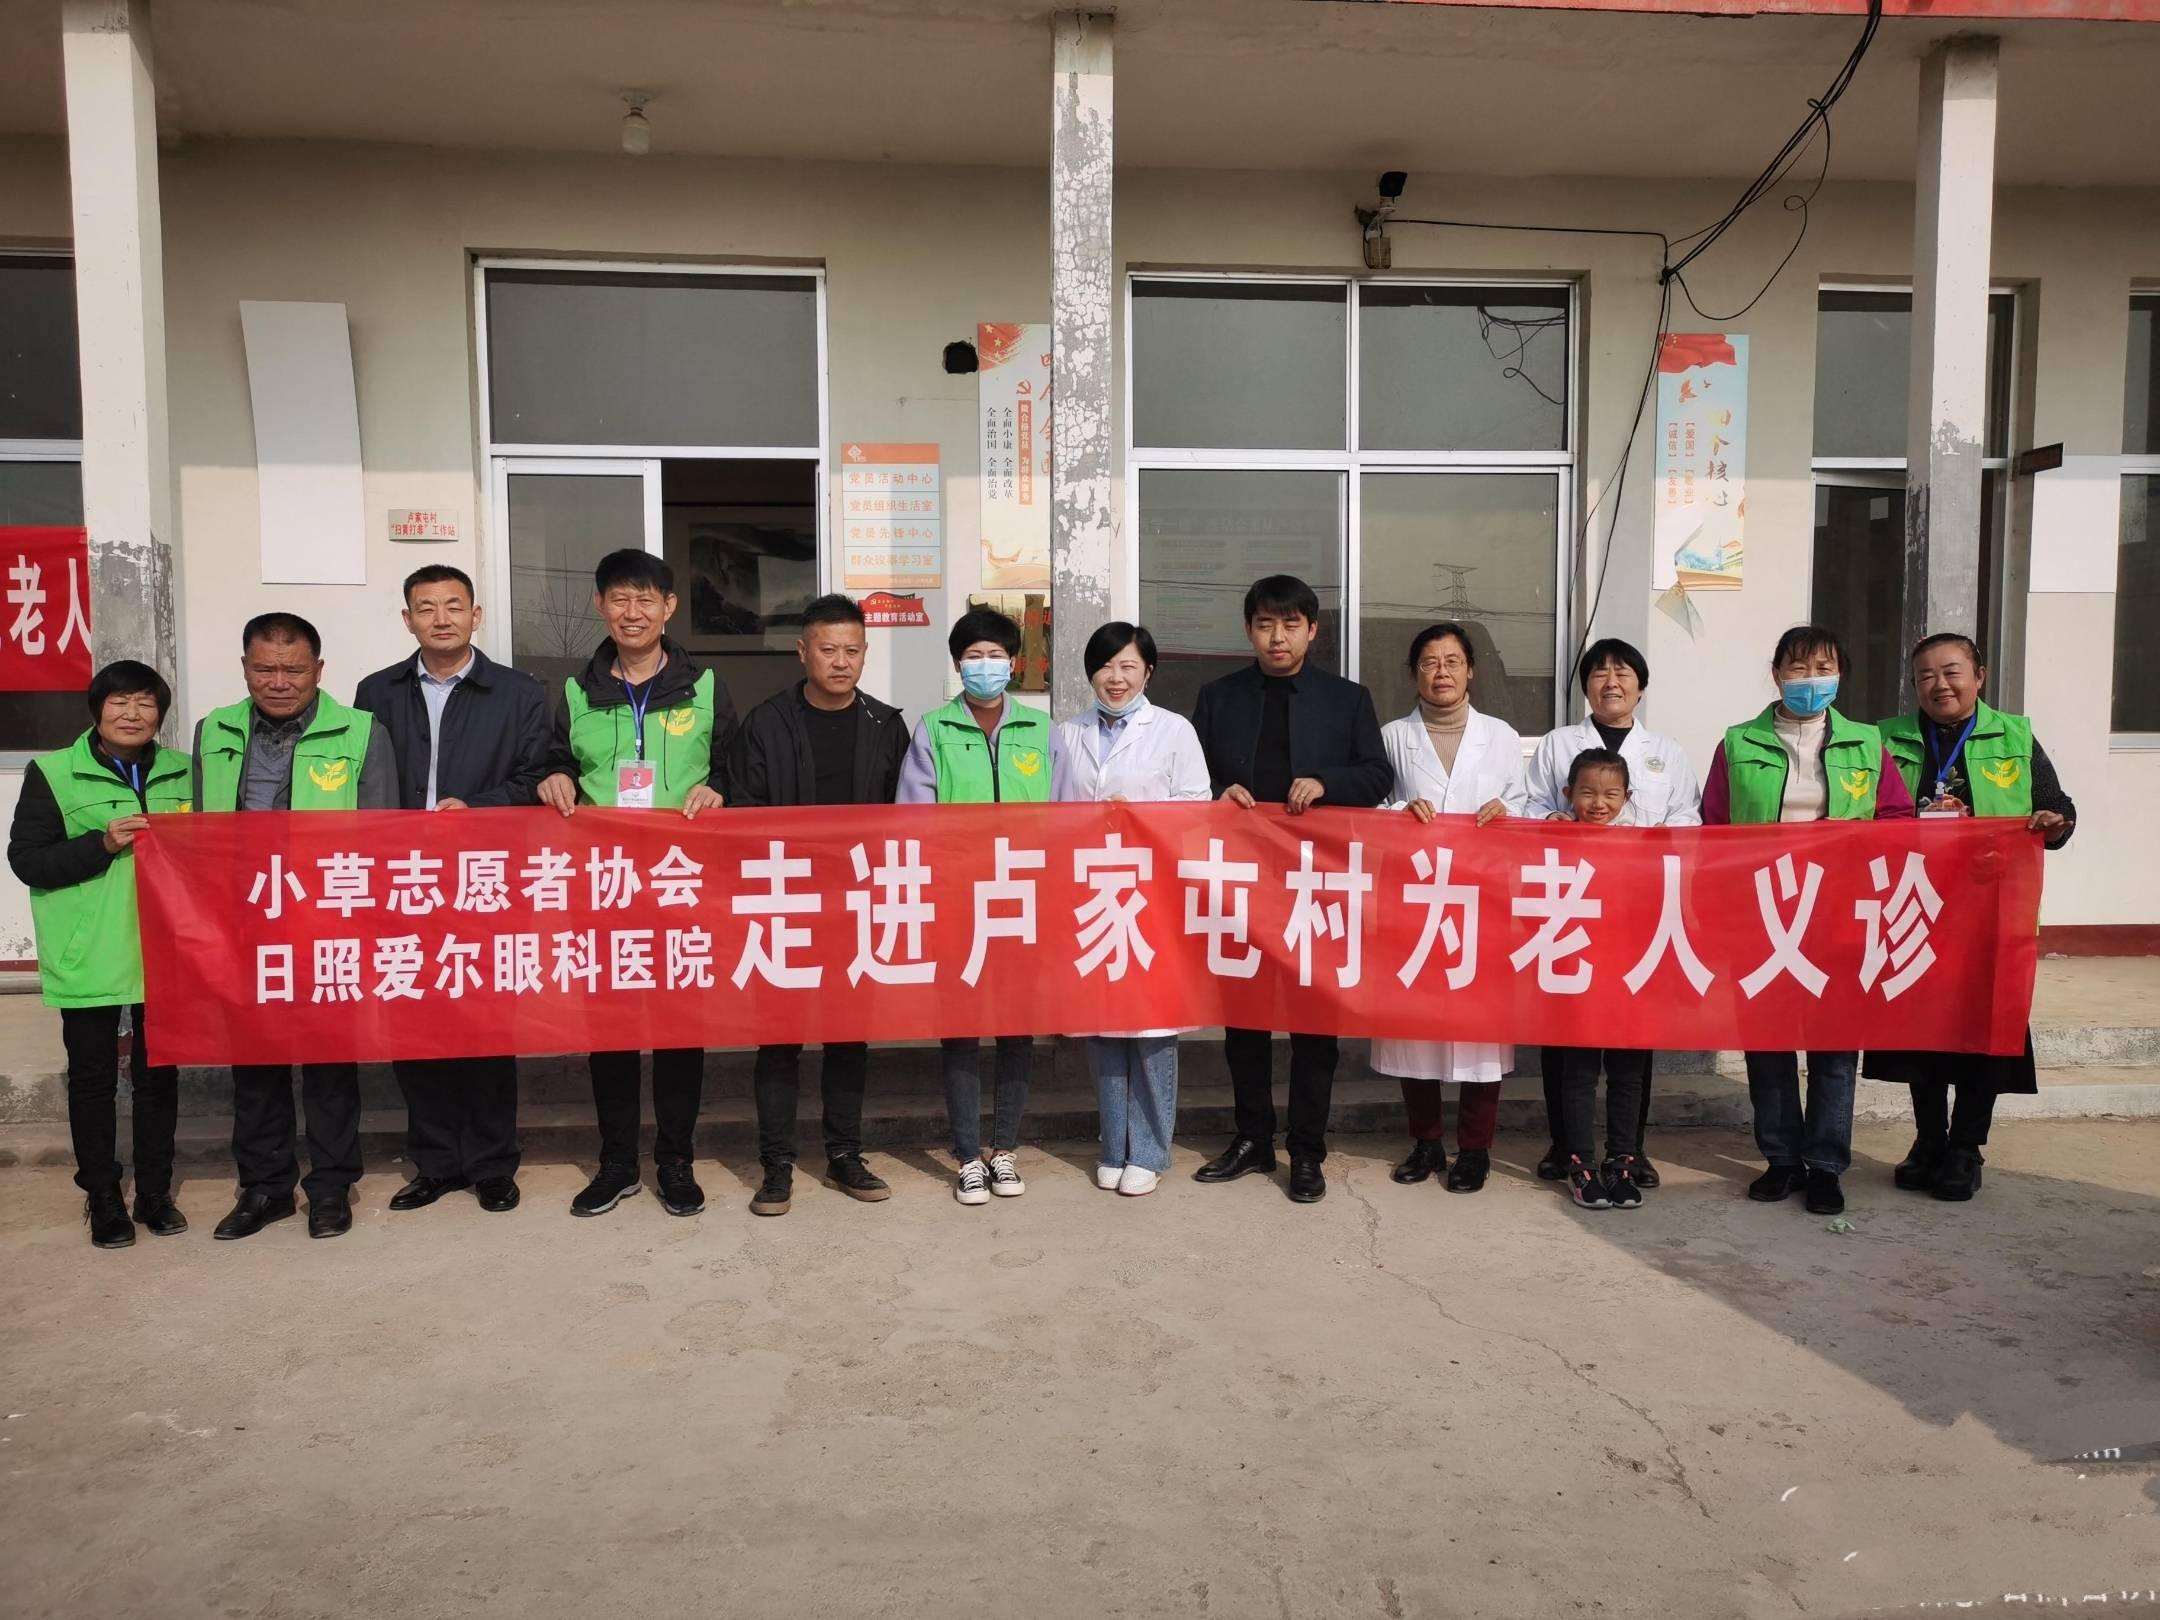 莒县小草志愿者协会联合日照爱尔眼科医院开展爱心光明行义诊活动